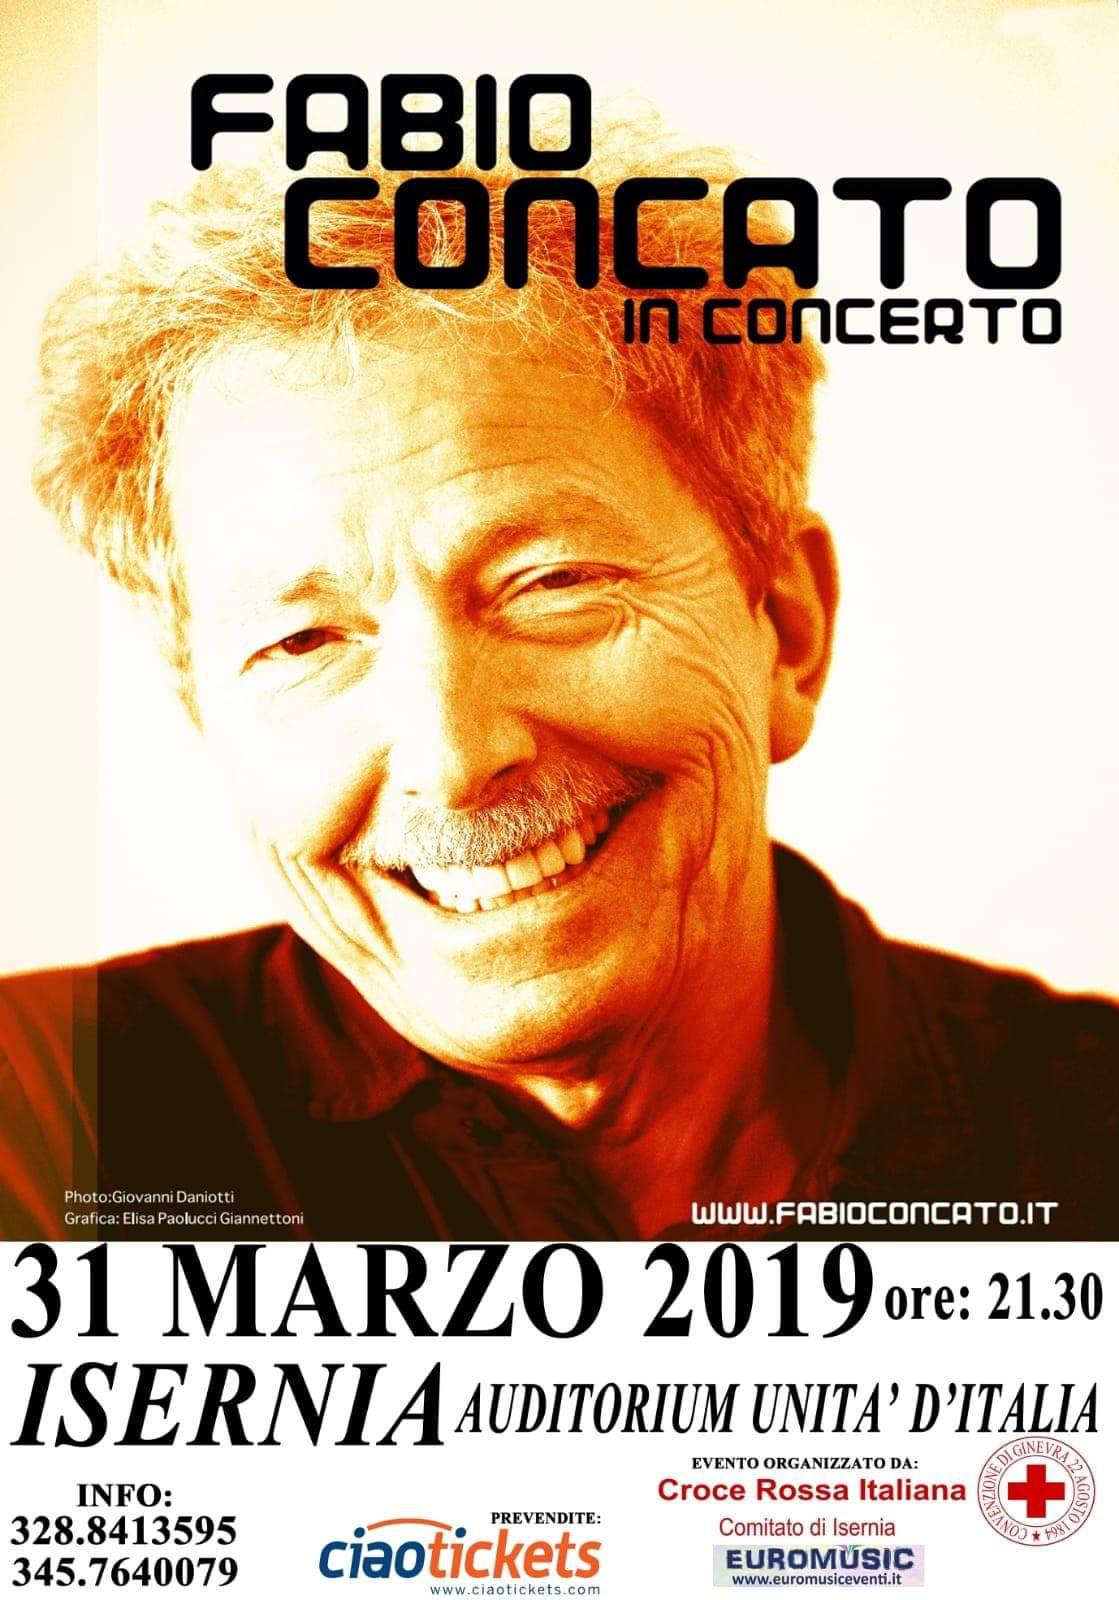 Isernia: il 31 marzo il concerto di Fabio Concato all'Auditorium Unita' d'Italia.